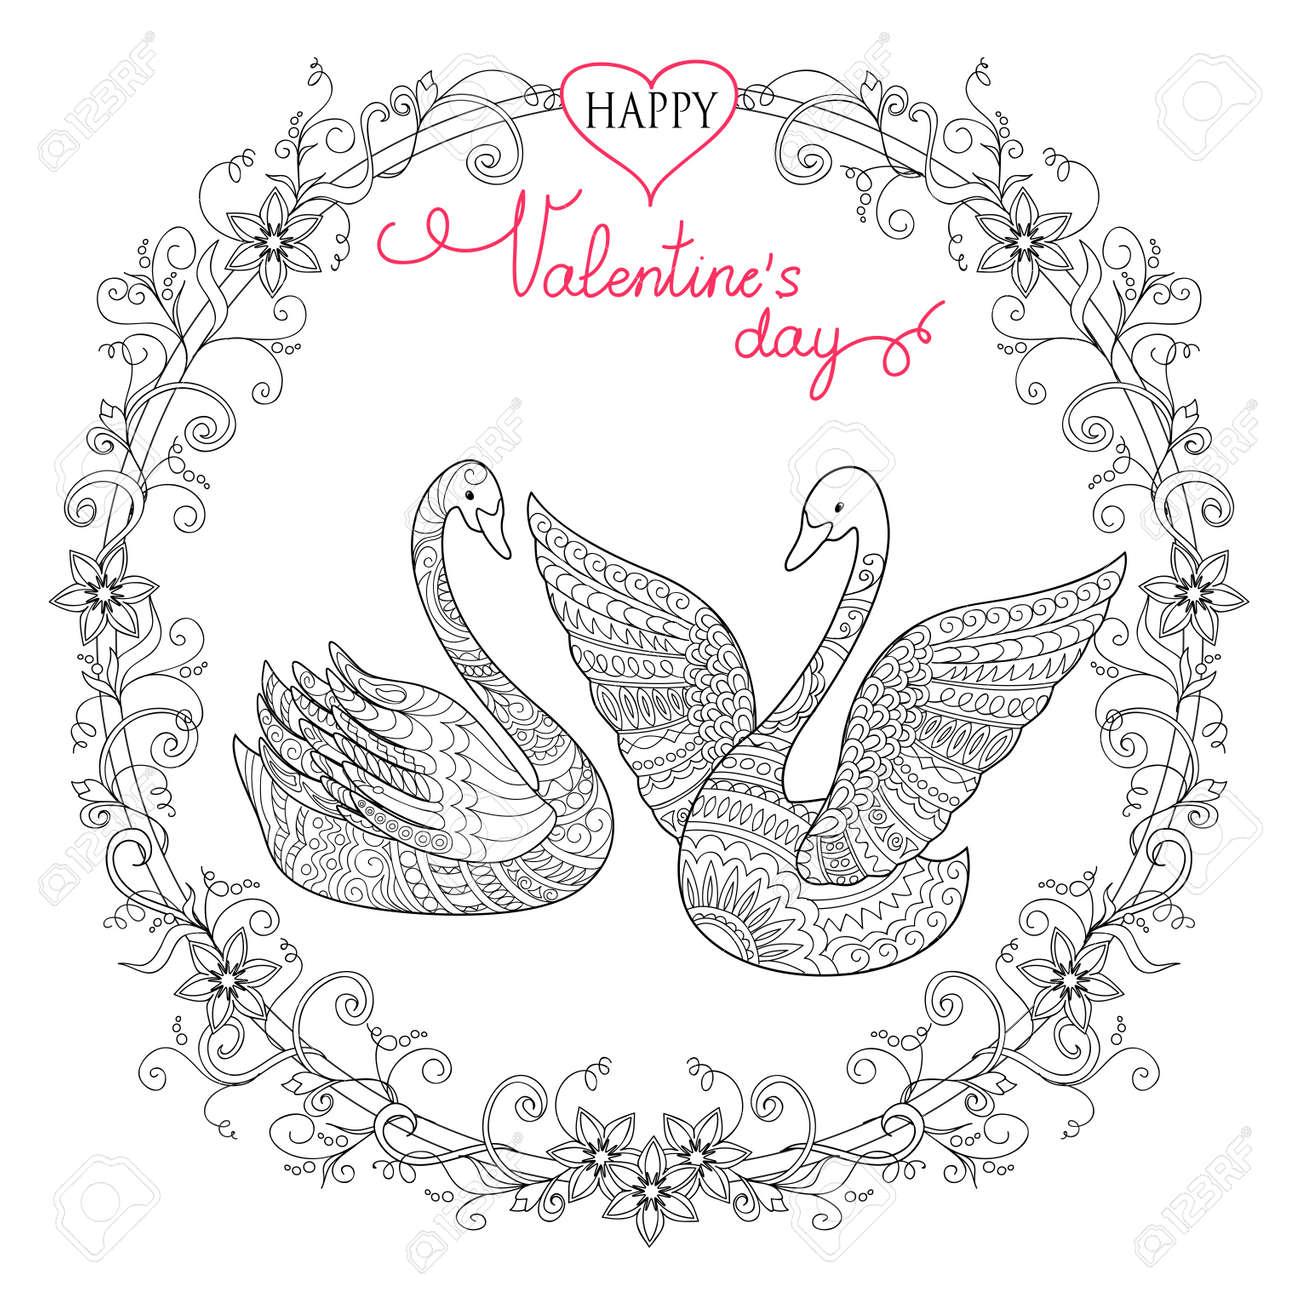 Tarjeta De Felicitación De San Valentín Con Dibujado A Mano Dibujado ...